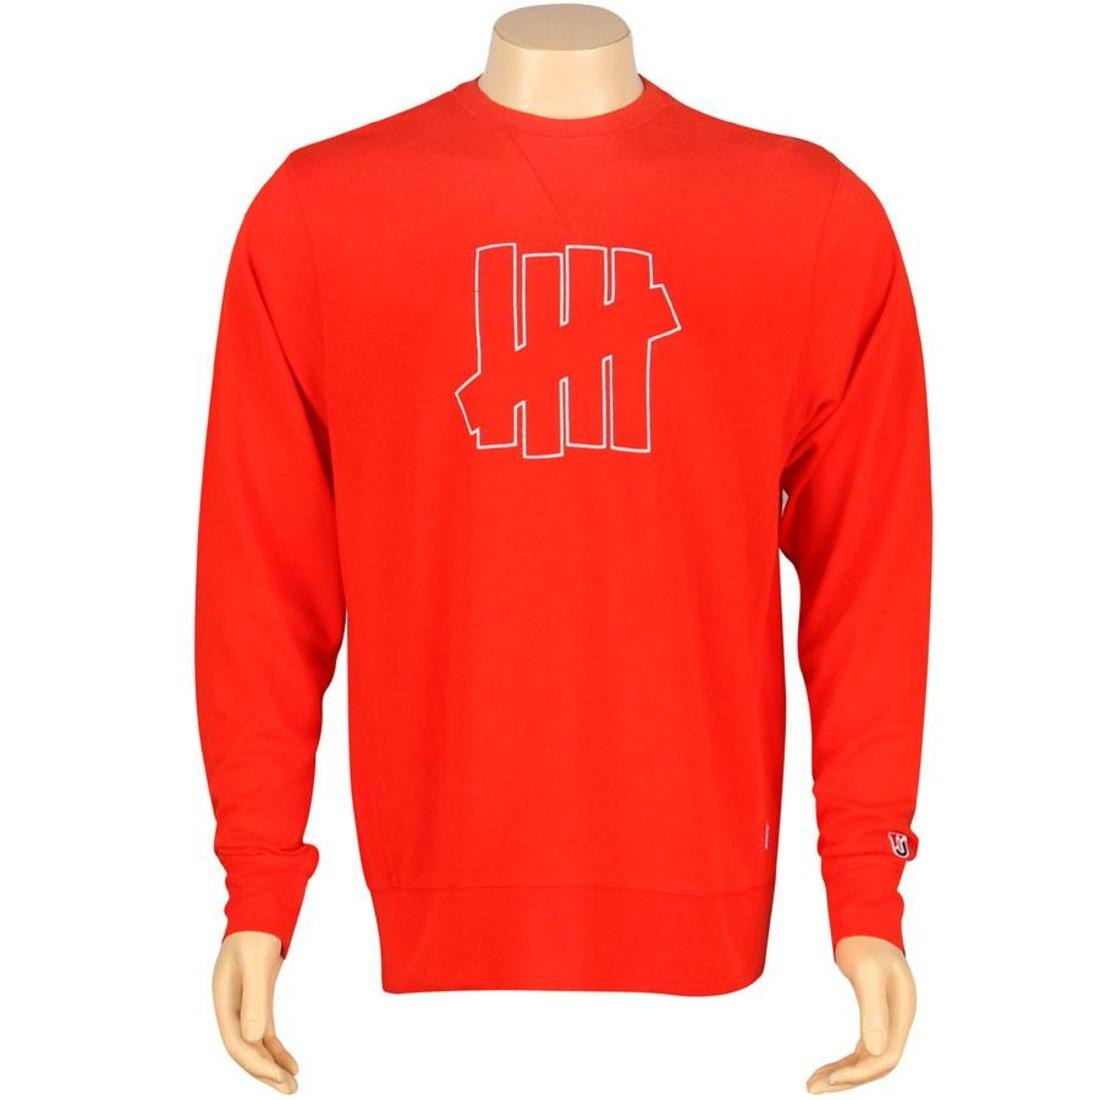 【スーパーセール中! 6/11深夜2時迄】UNDEFEATED ストライク メンズファッション トップス Tシャツ カットソー メンズ 【 U And D 5 Strike Crewneck (red) 】 Red